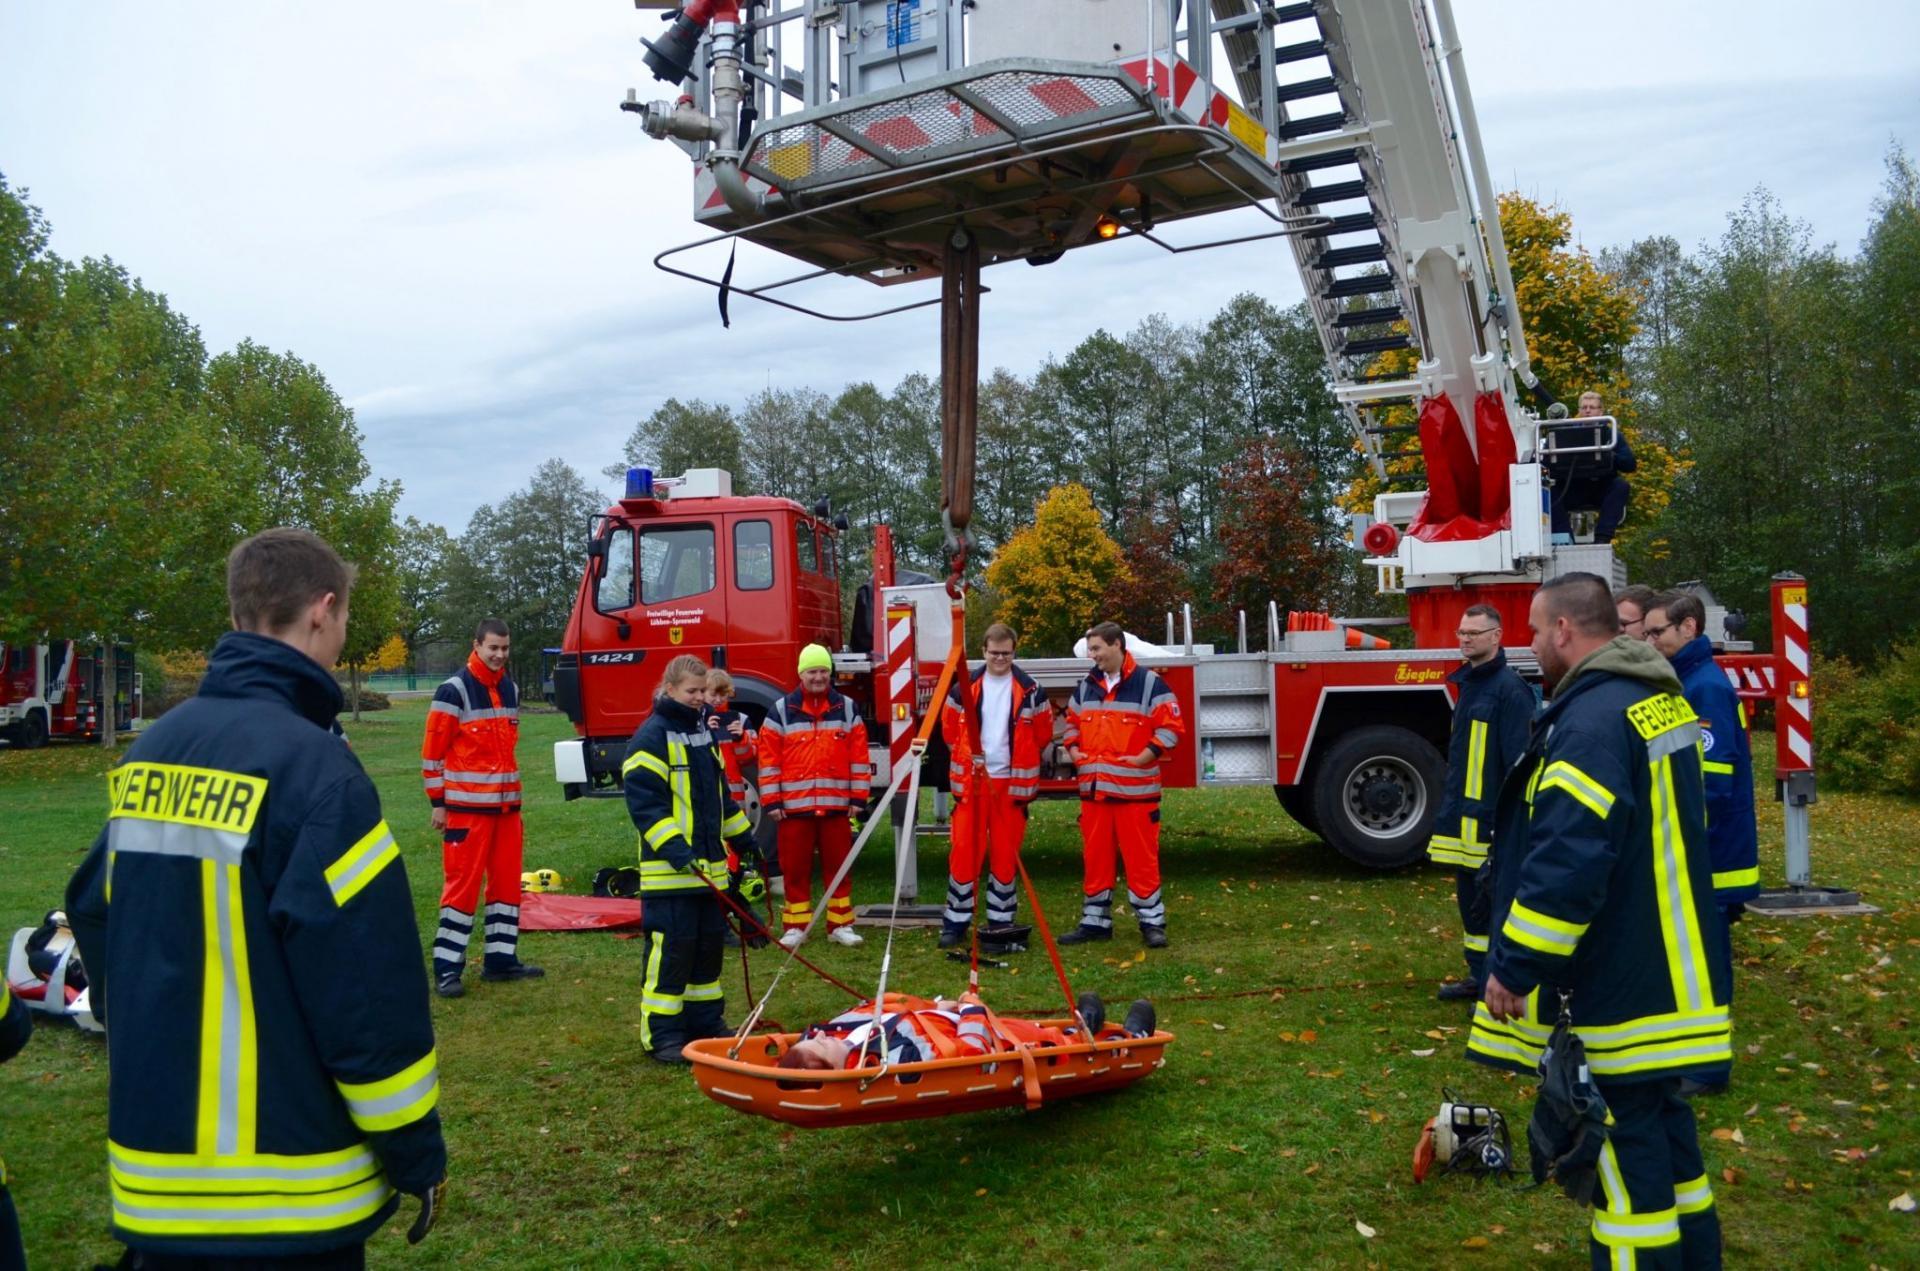 Um für den Ernstfall gerüstet zu sein, müssen Feuerwehrleute regelmäßig üben-idealerweise gemeinsam mit anderen Hilfs-und Rettungskräften. Während der Lockdowns wurden solche Schulungen abgesagt. Foto: Andreas Staindl